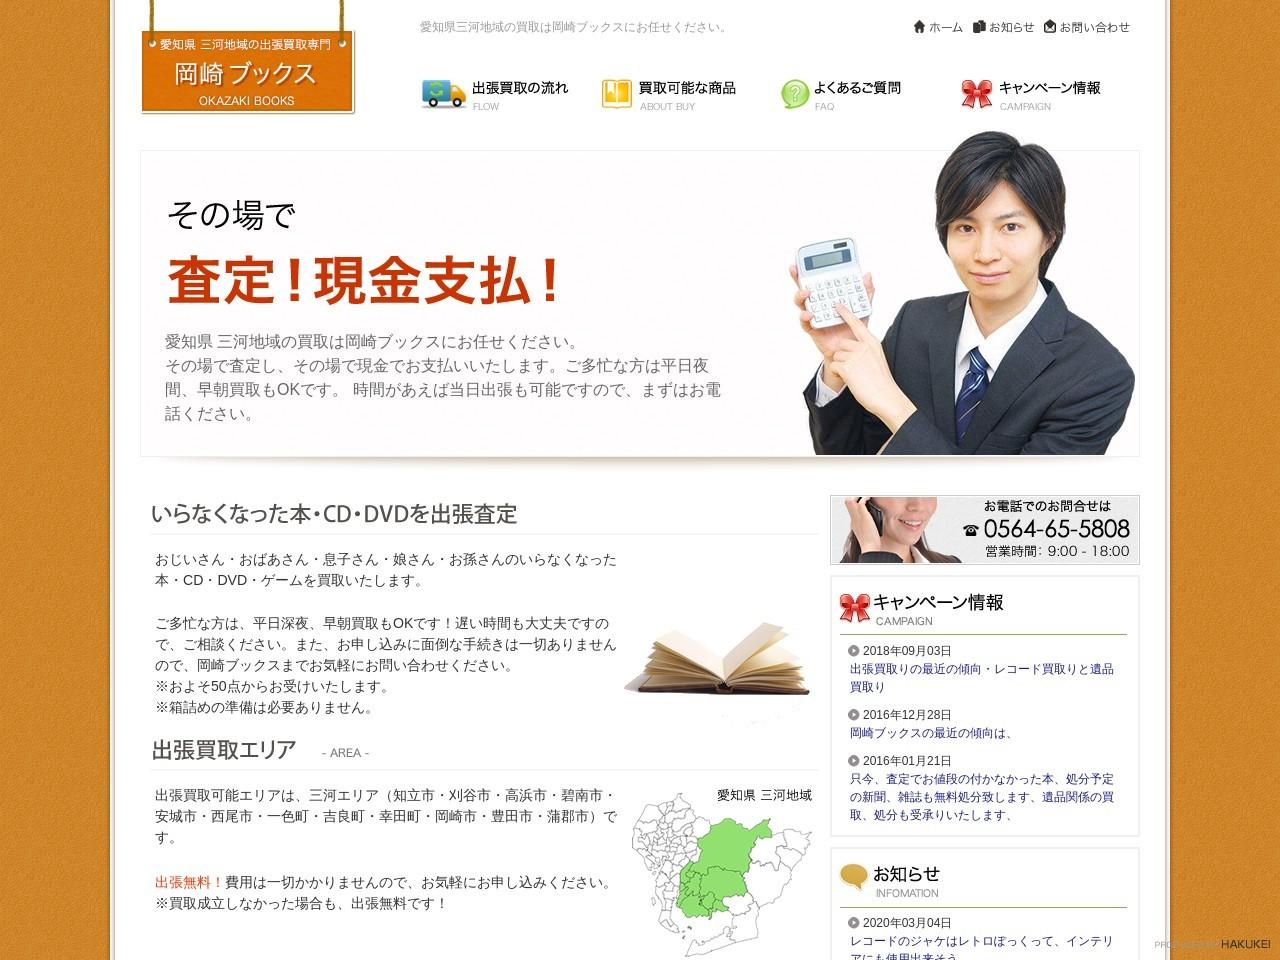 岡崎ブックス 愛知県三河地域の出張買取専門 | 愛知県三河地域の買取は岡崎ブックスにお任せください。